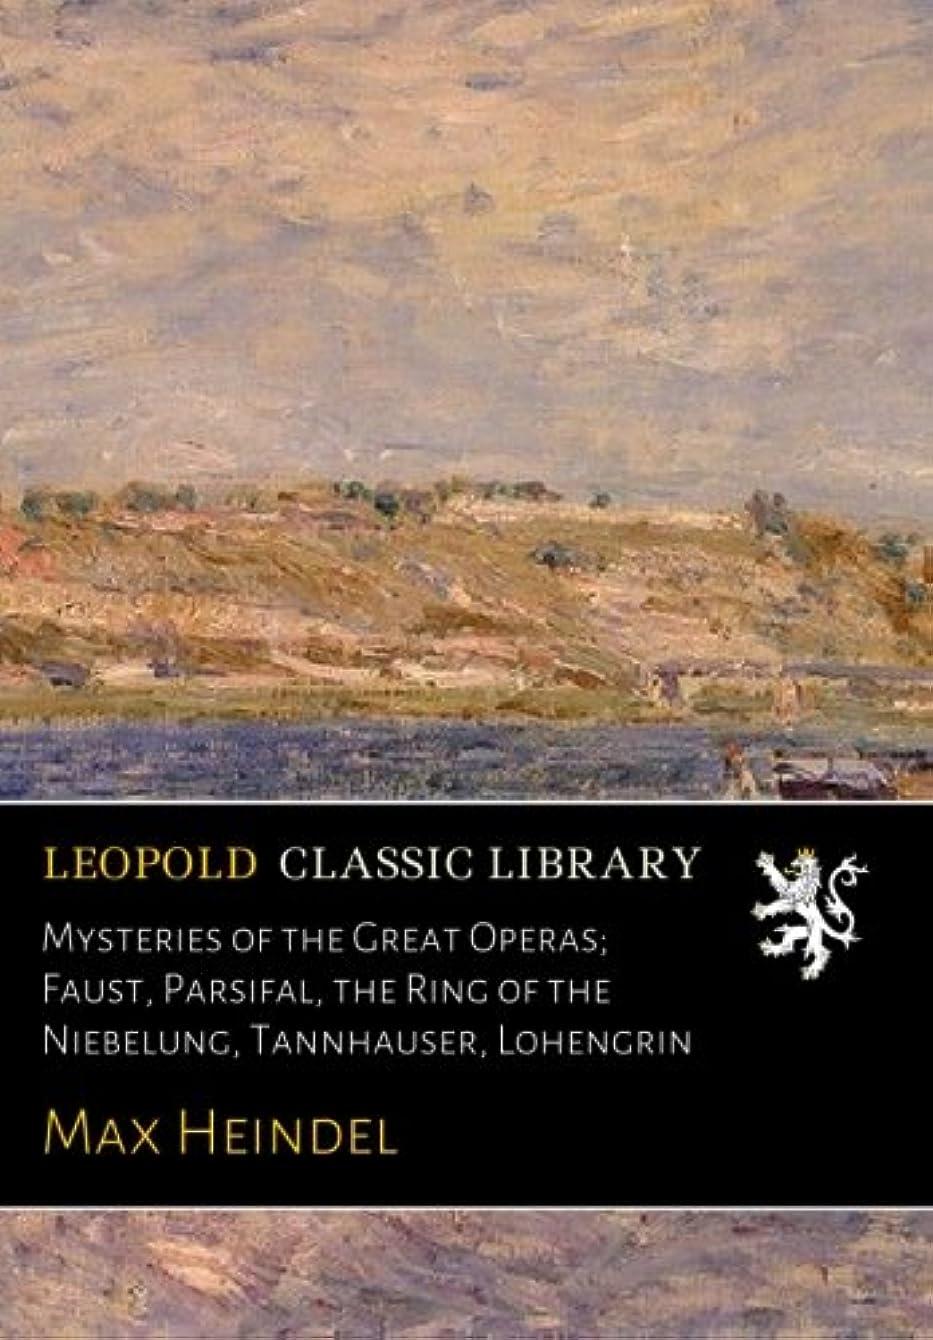 頬骨整理する支払いMysteries of the Great Operas; Faust, Parsifal, the Ring of the Niebelung, Tannhauser, Lohengrin